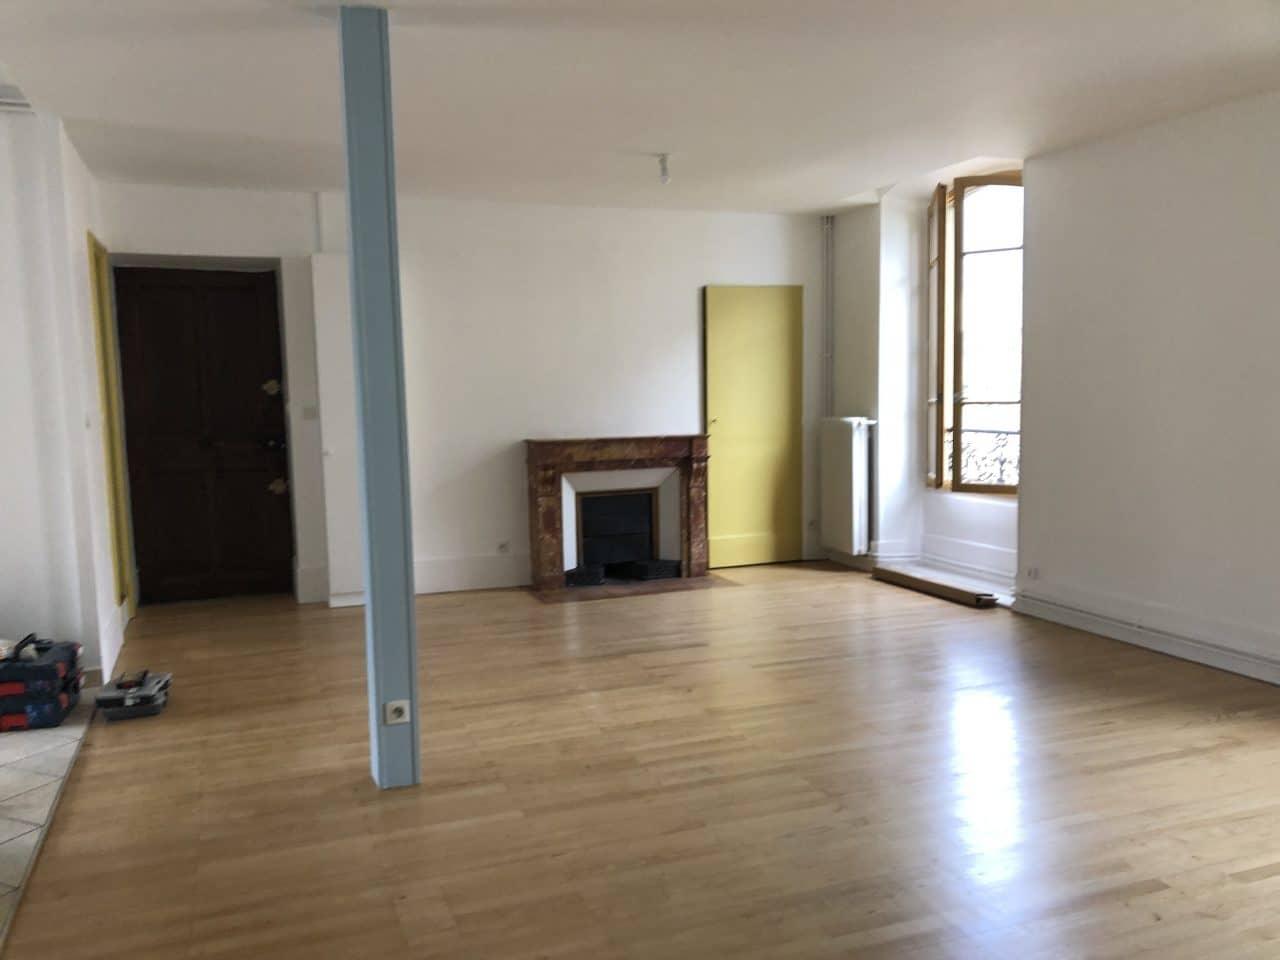 Porte couleur moutarde et parquet remis à neuf - rénovation d'un appartement à Grenoble